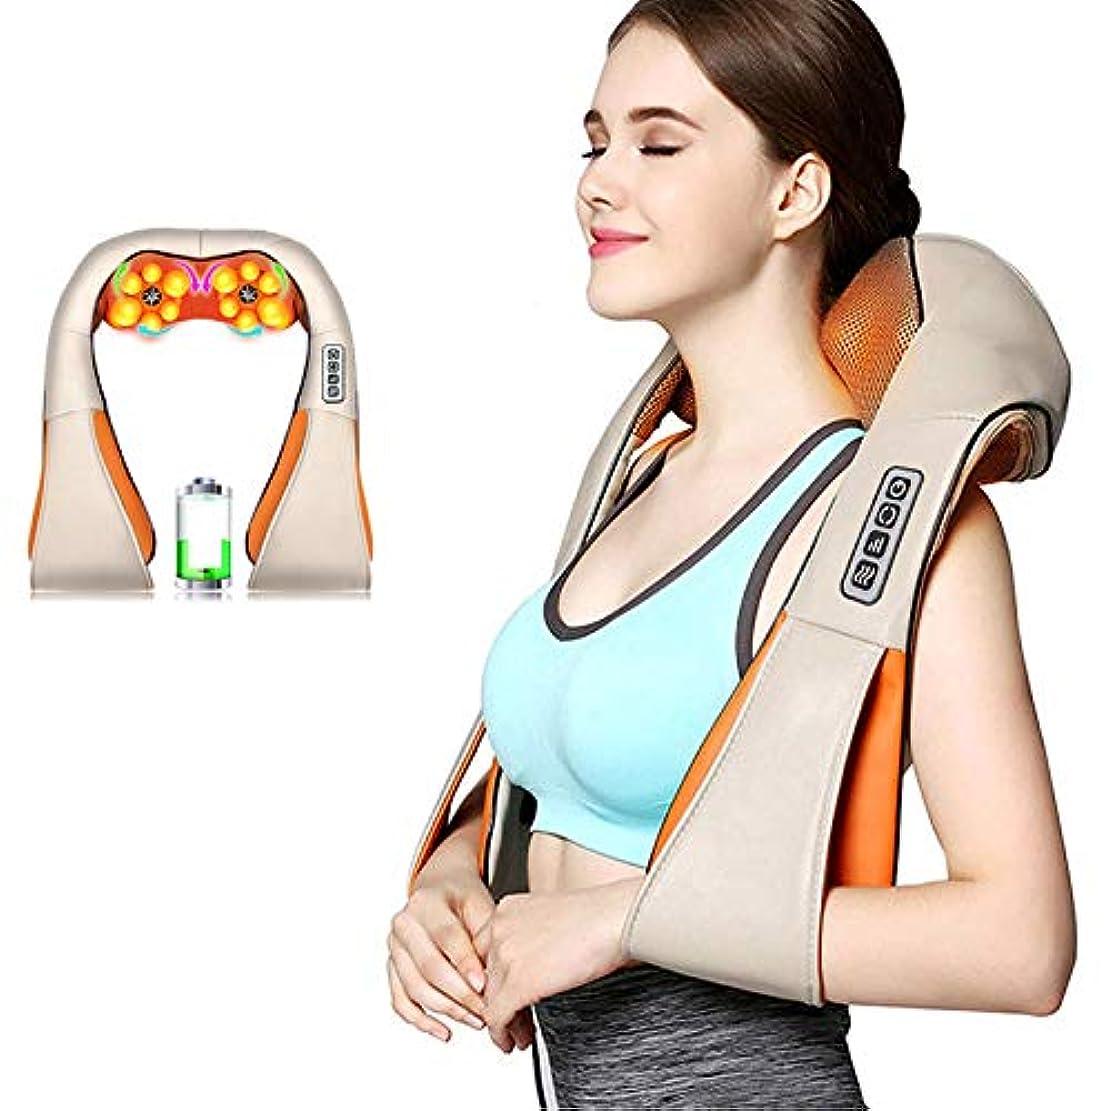 モンク未接続希望に満ちた指圧肩マッサージャー電動背中マッサージ、首、背中、肩、足、足、体の筋肉の痛みの緩和